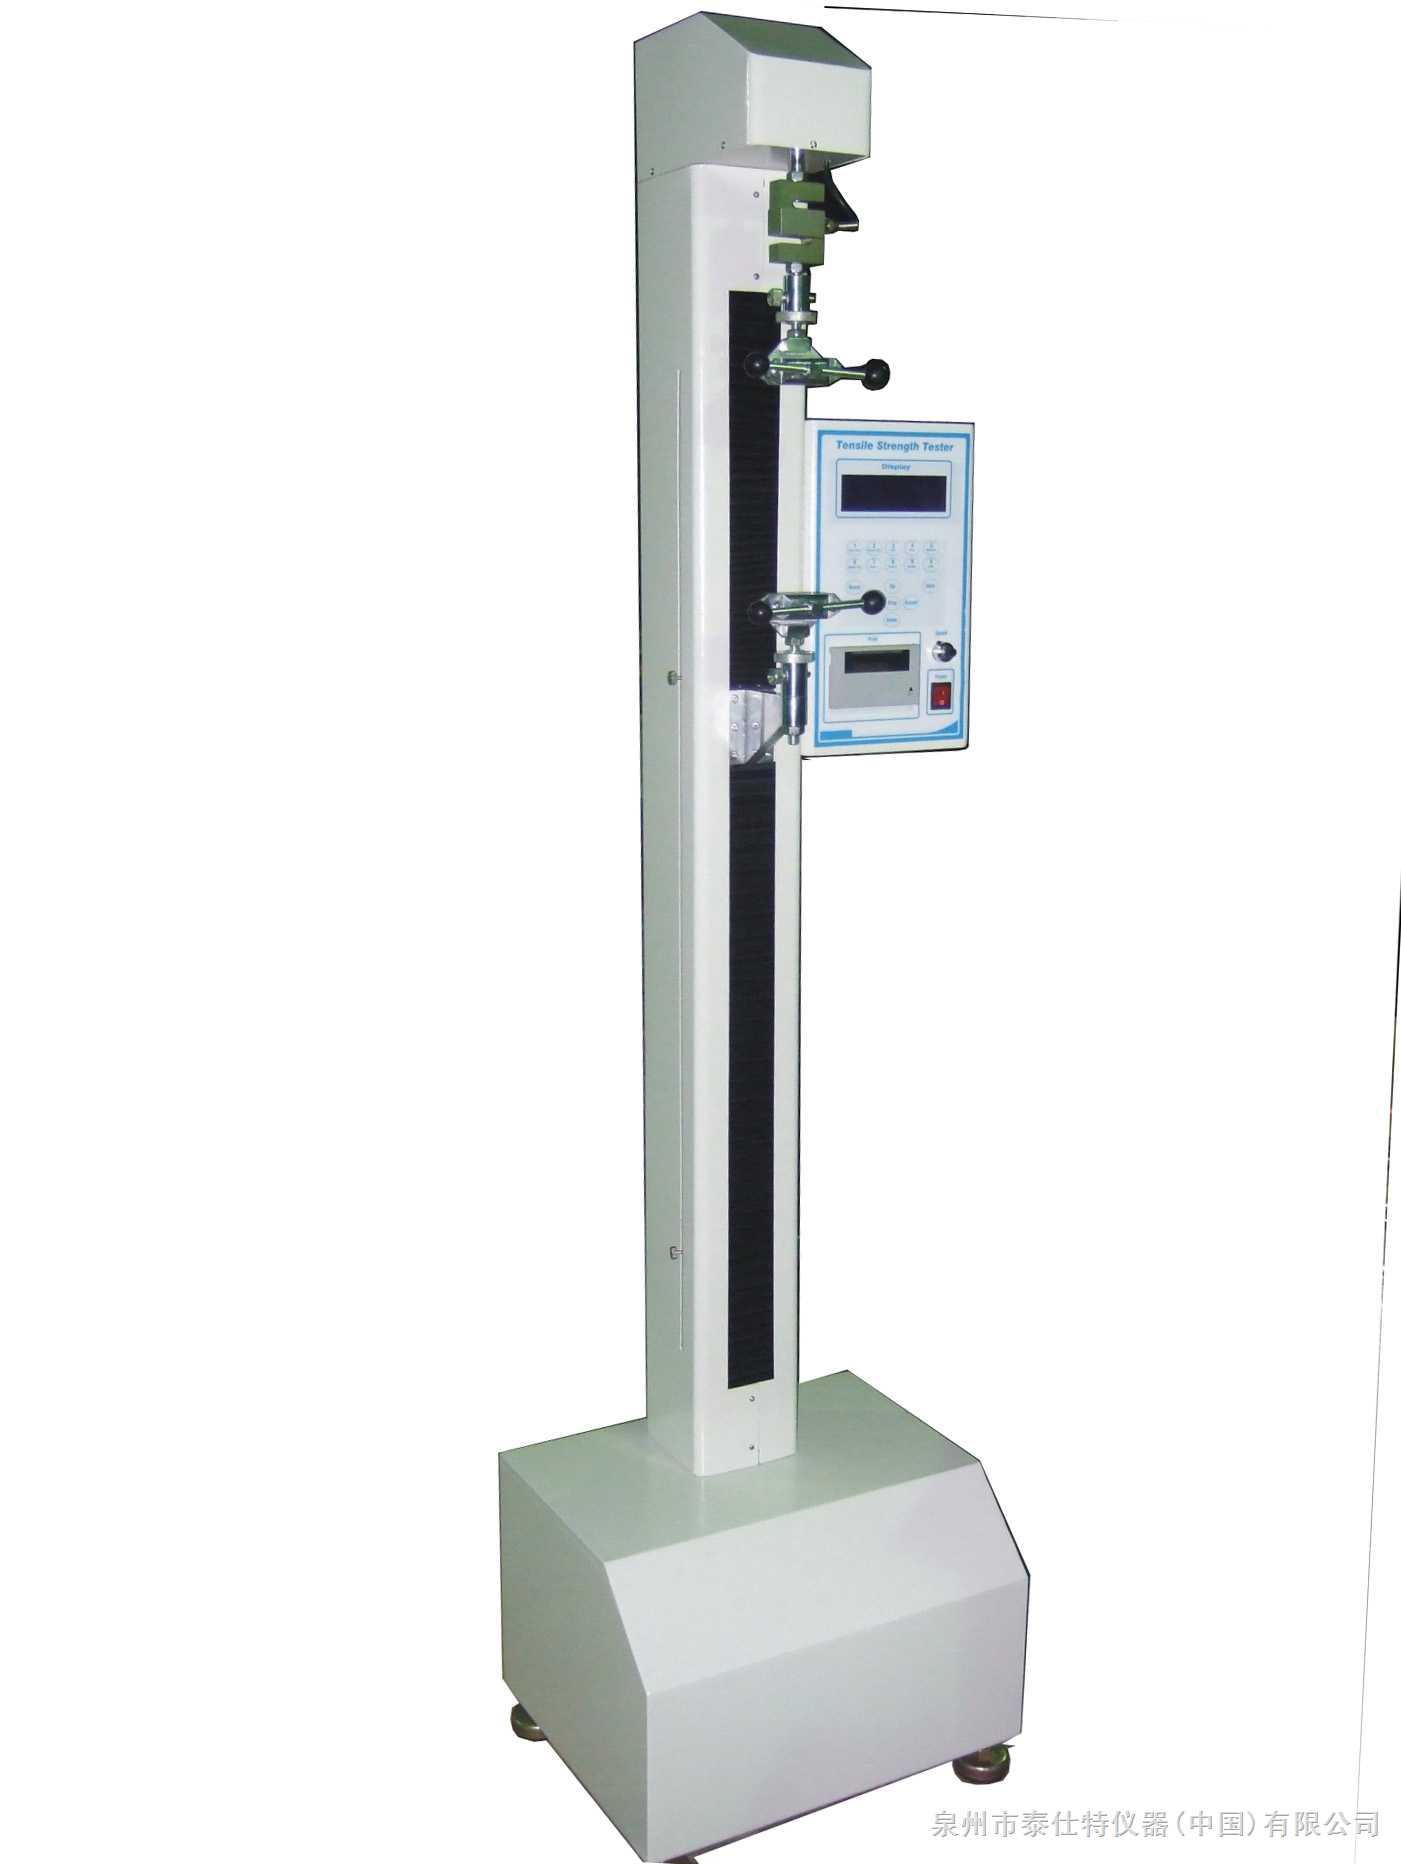 TSI002 电脑伺服单柱拉力机